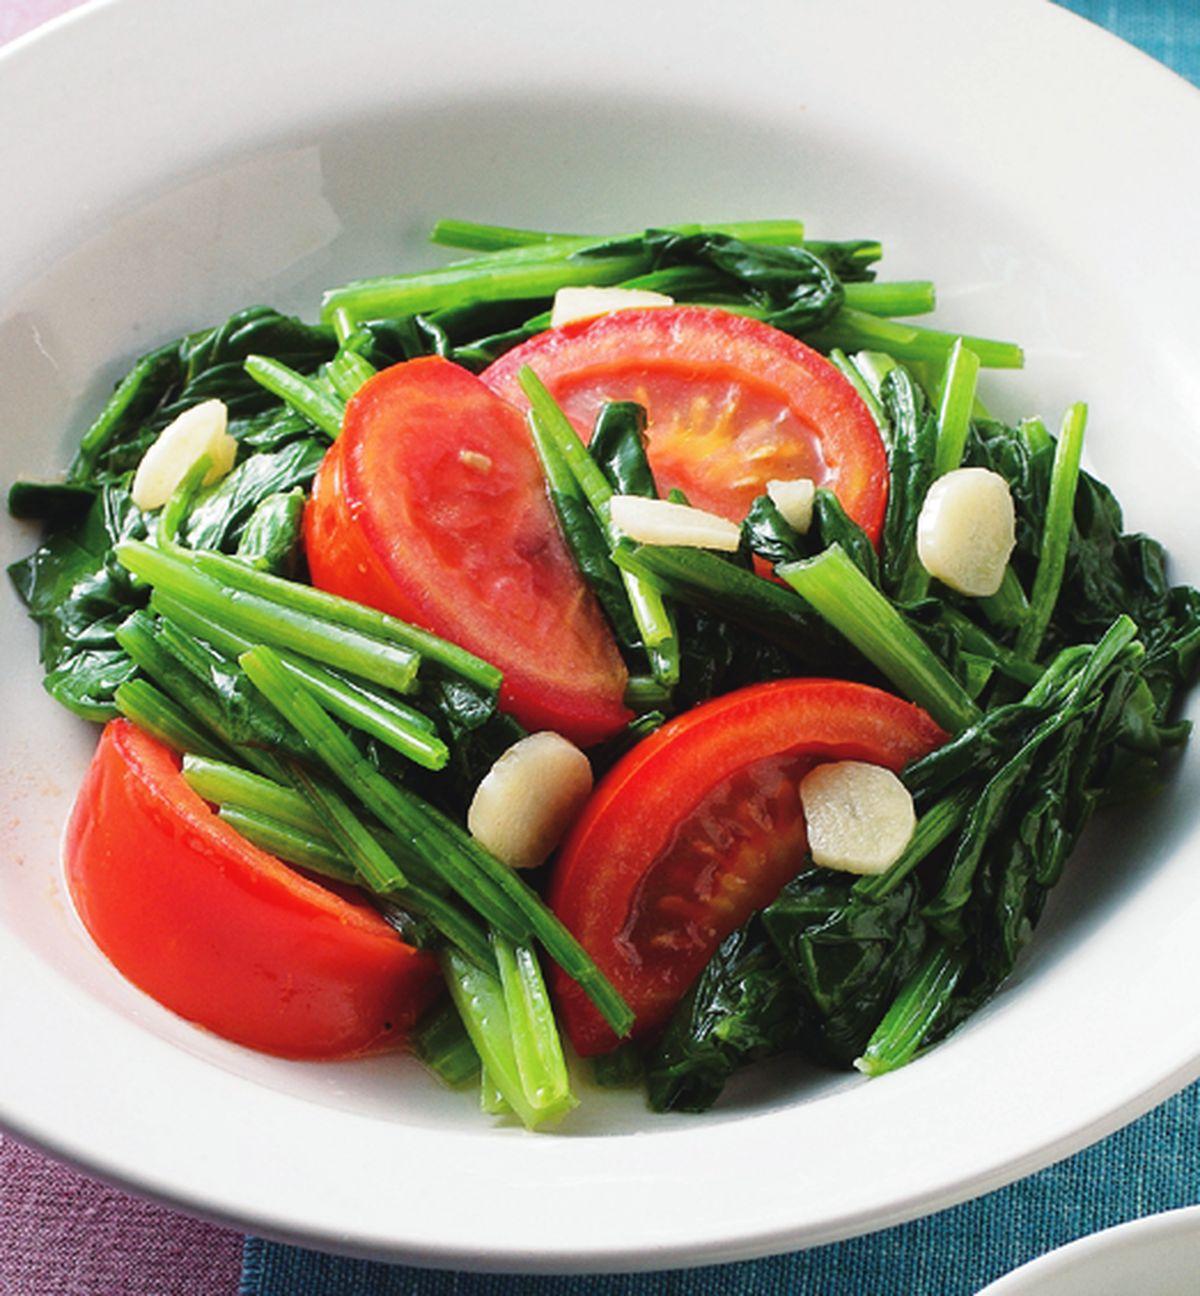 食譜:蕃茄炒菠菜